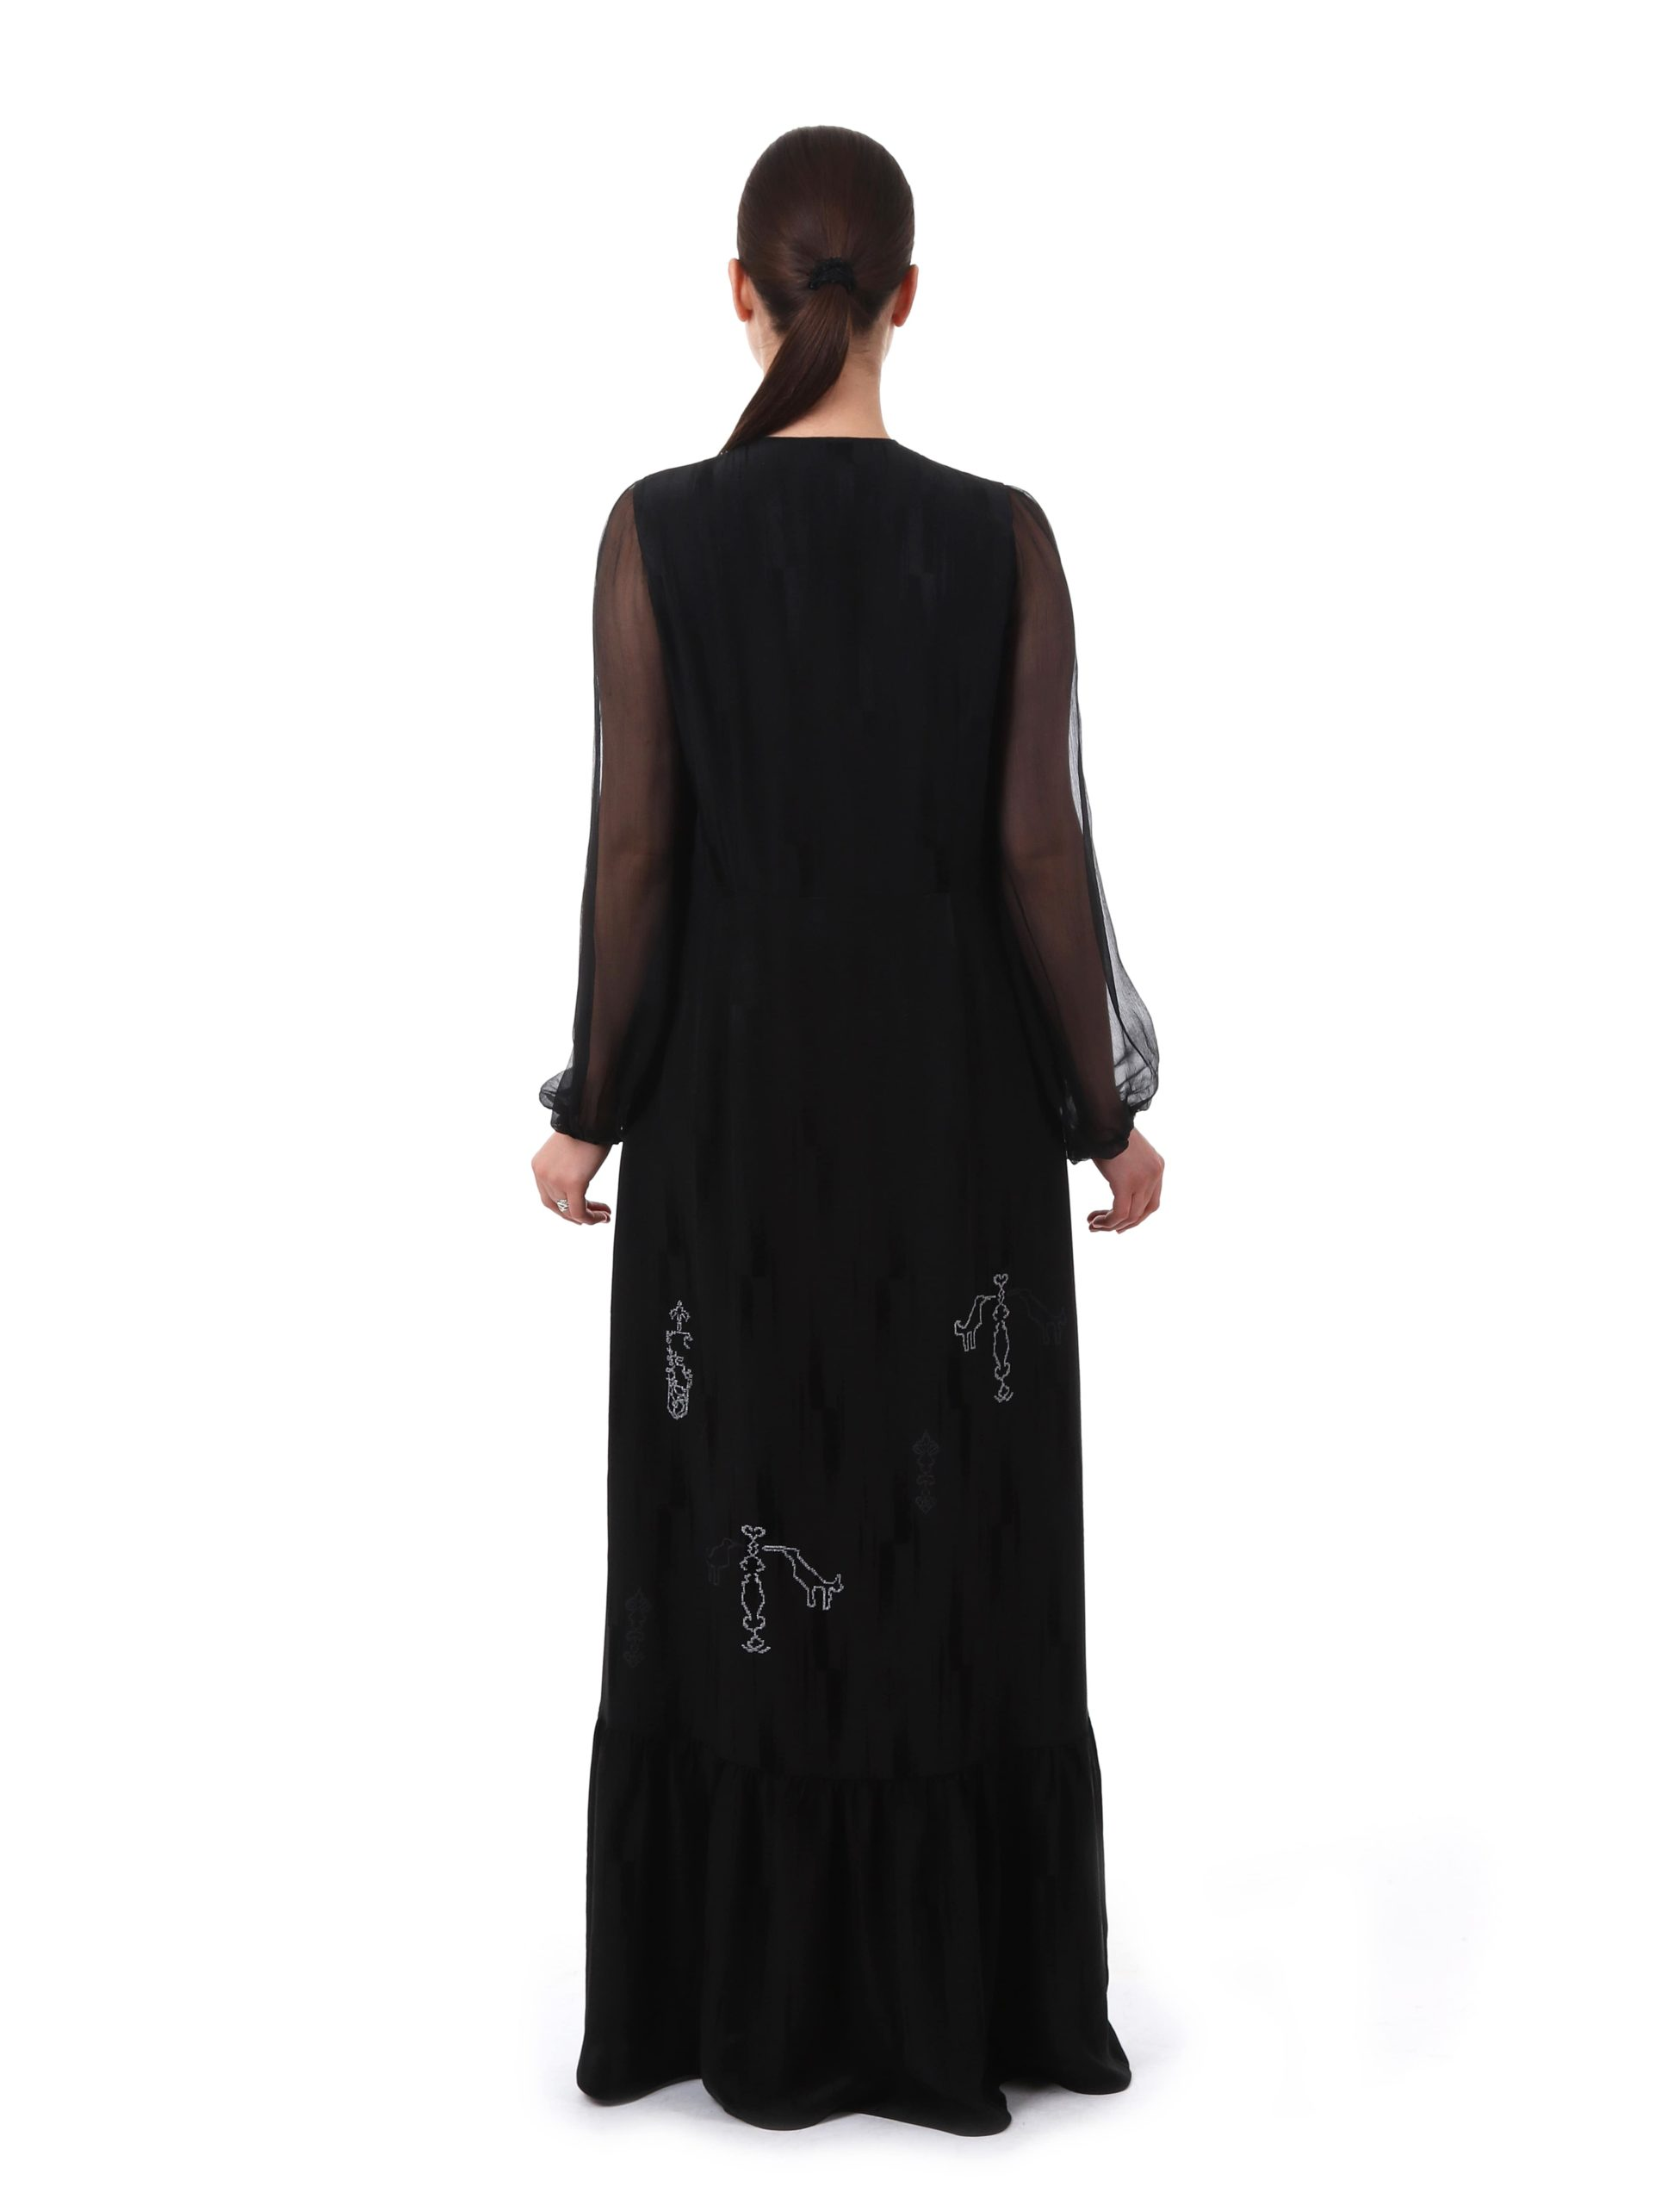 Сукня з вишивкою «Сарматський міф» (чорна)